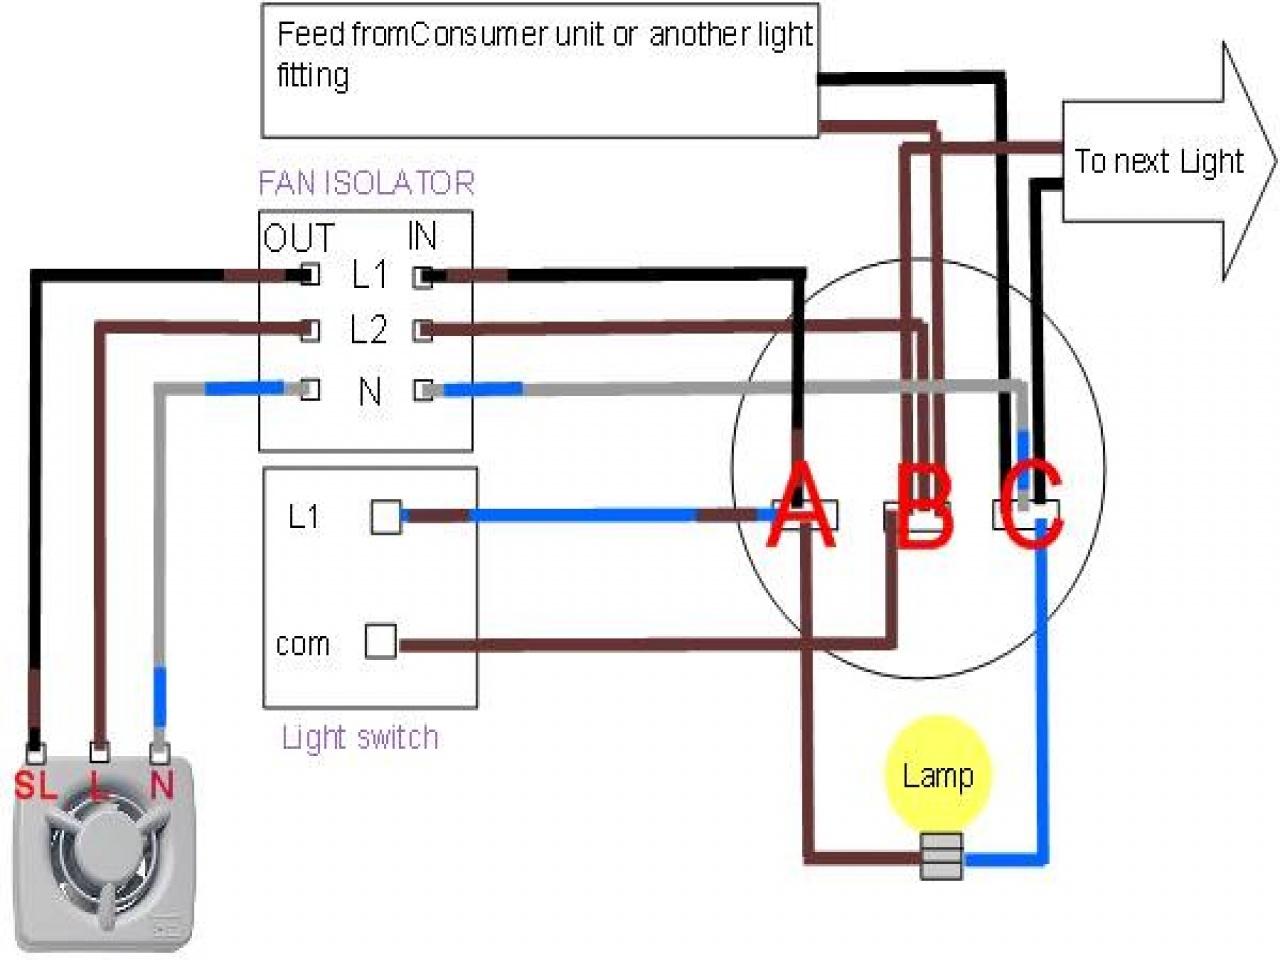 Nutone Bathroom Fan Light Wiring Diagram - Image of Bathroom and Closet  Image of Bathroom and Closet